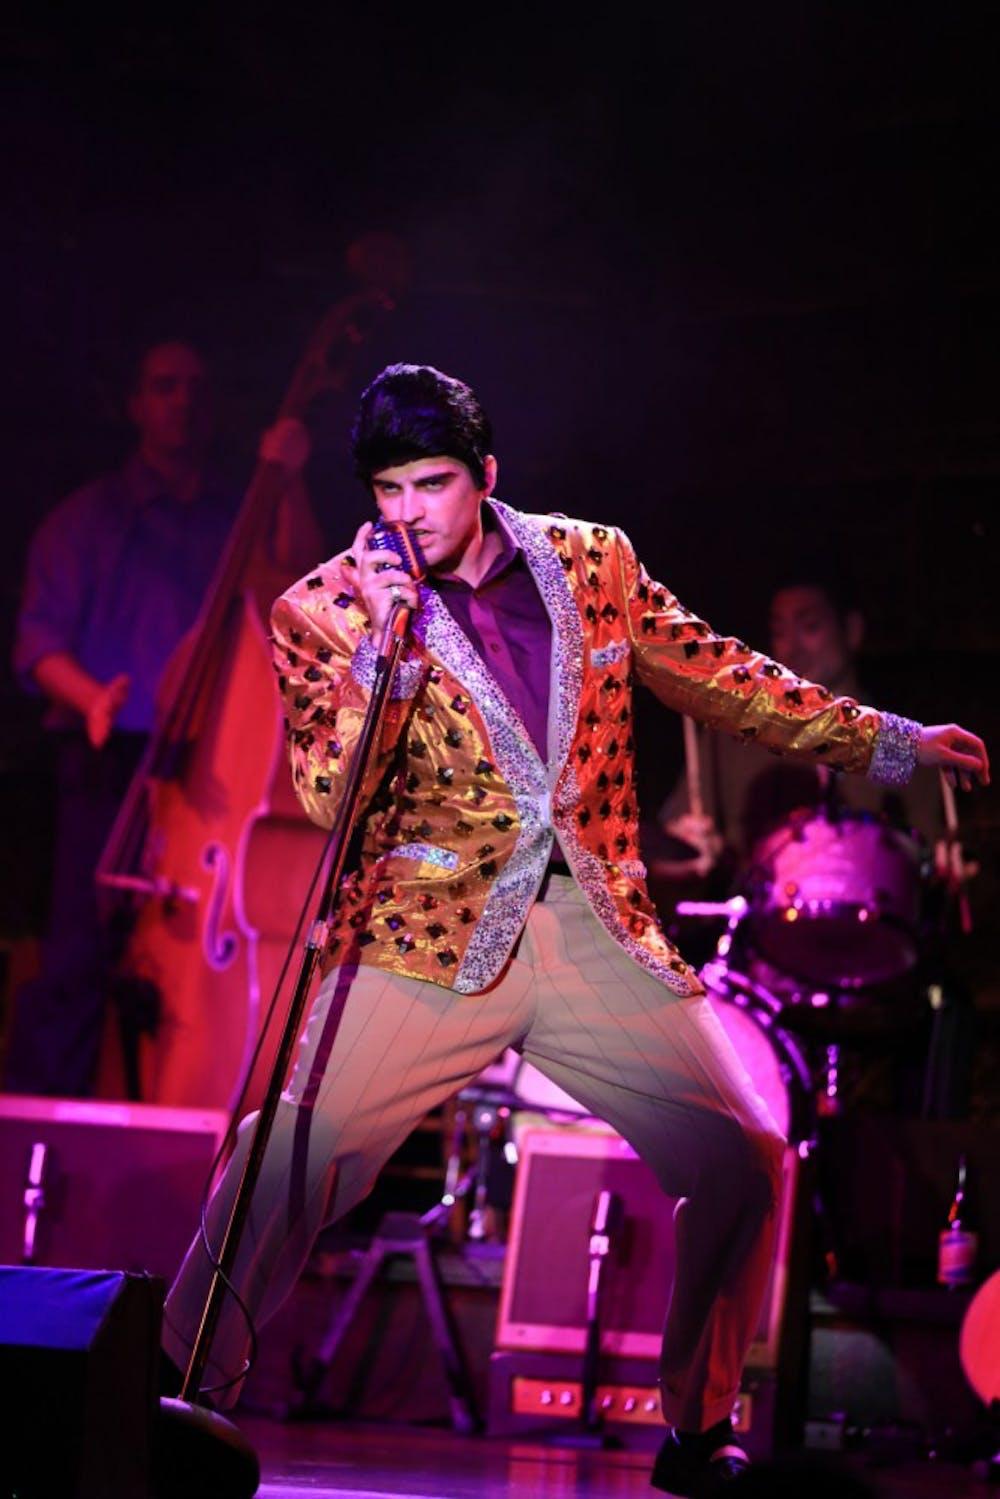 Four rock 'n' roll legends come together in 'Million Dollar Quartet'